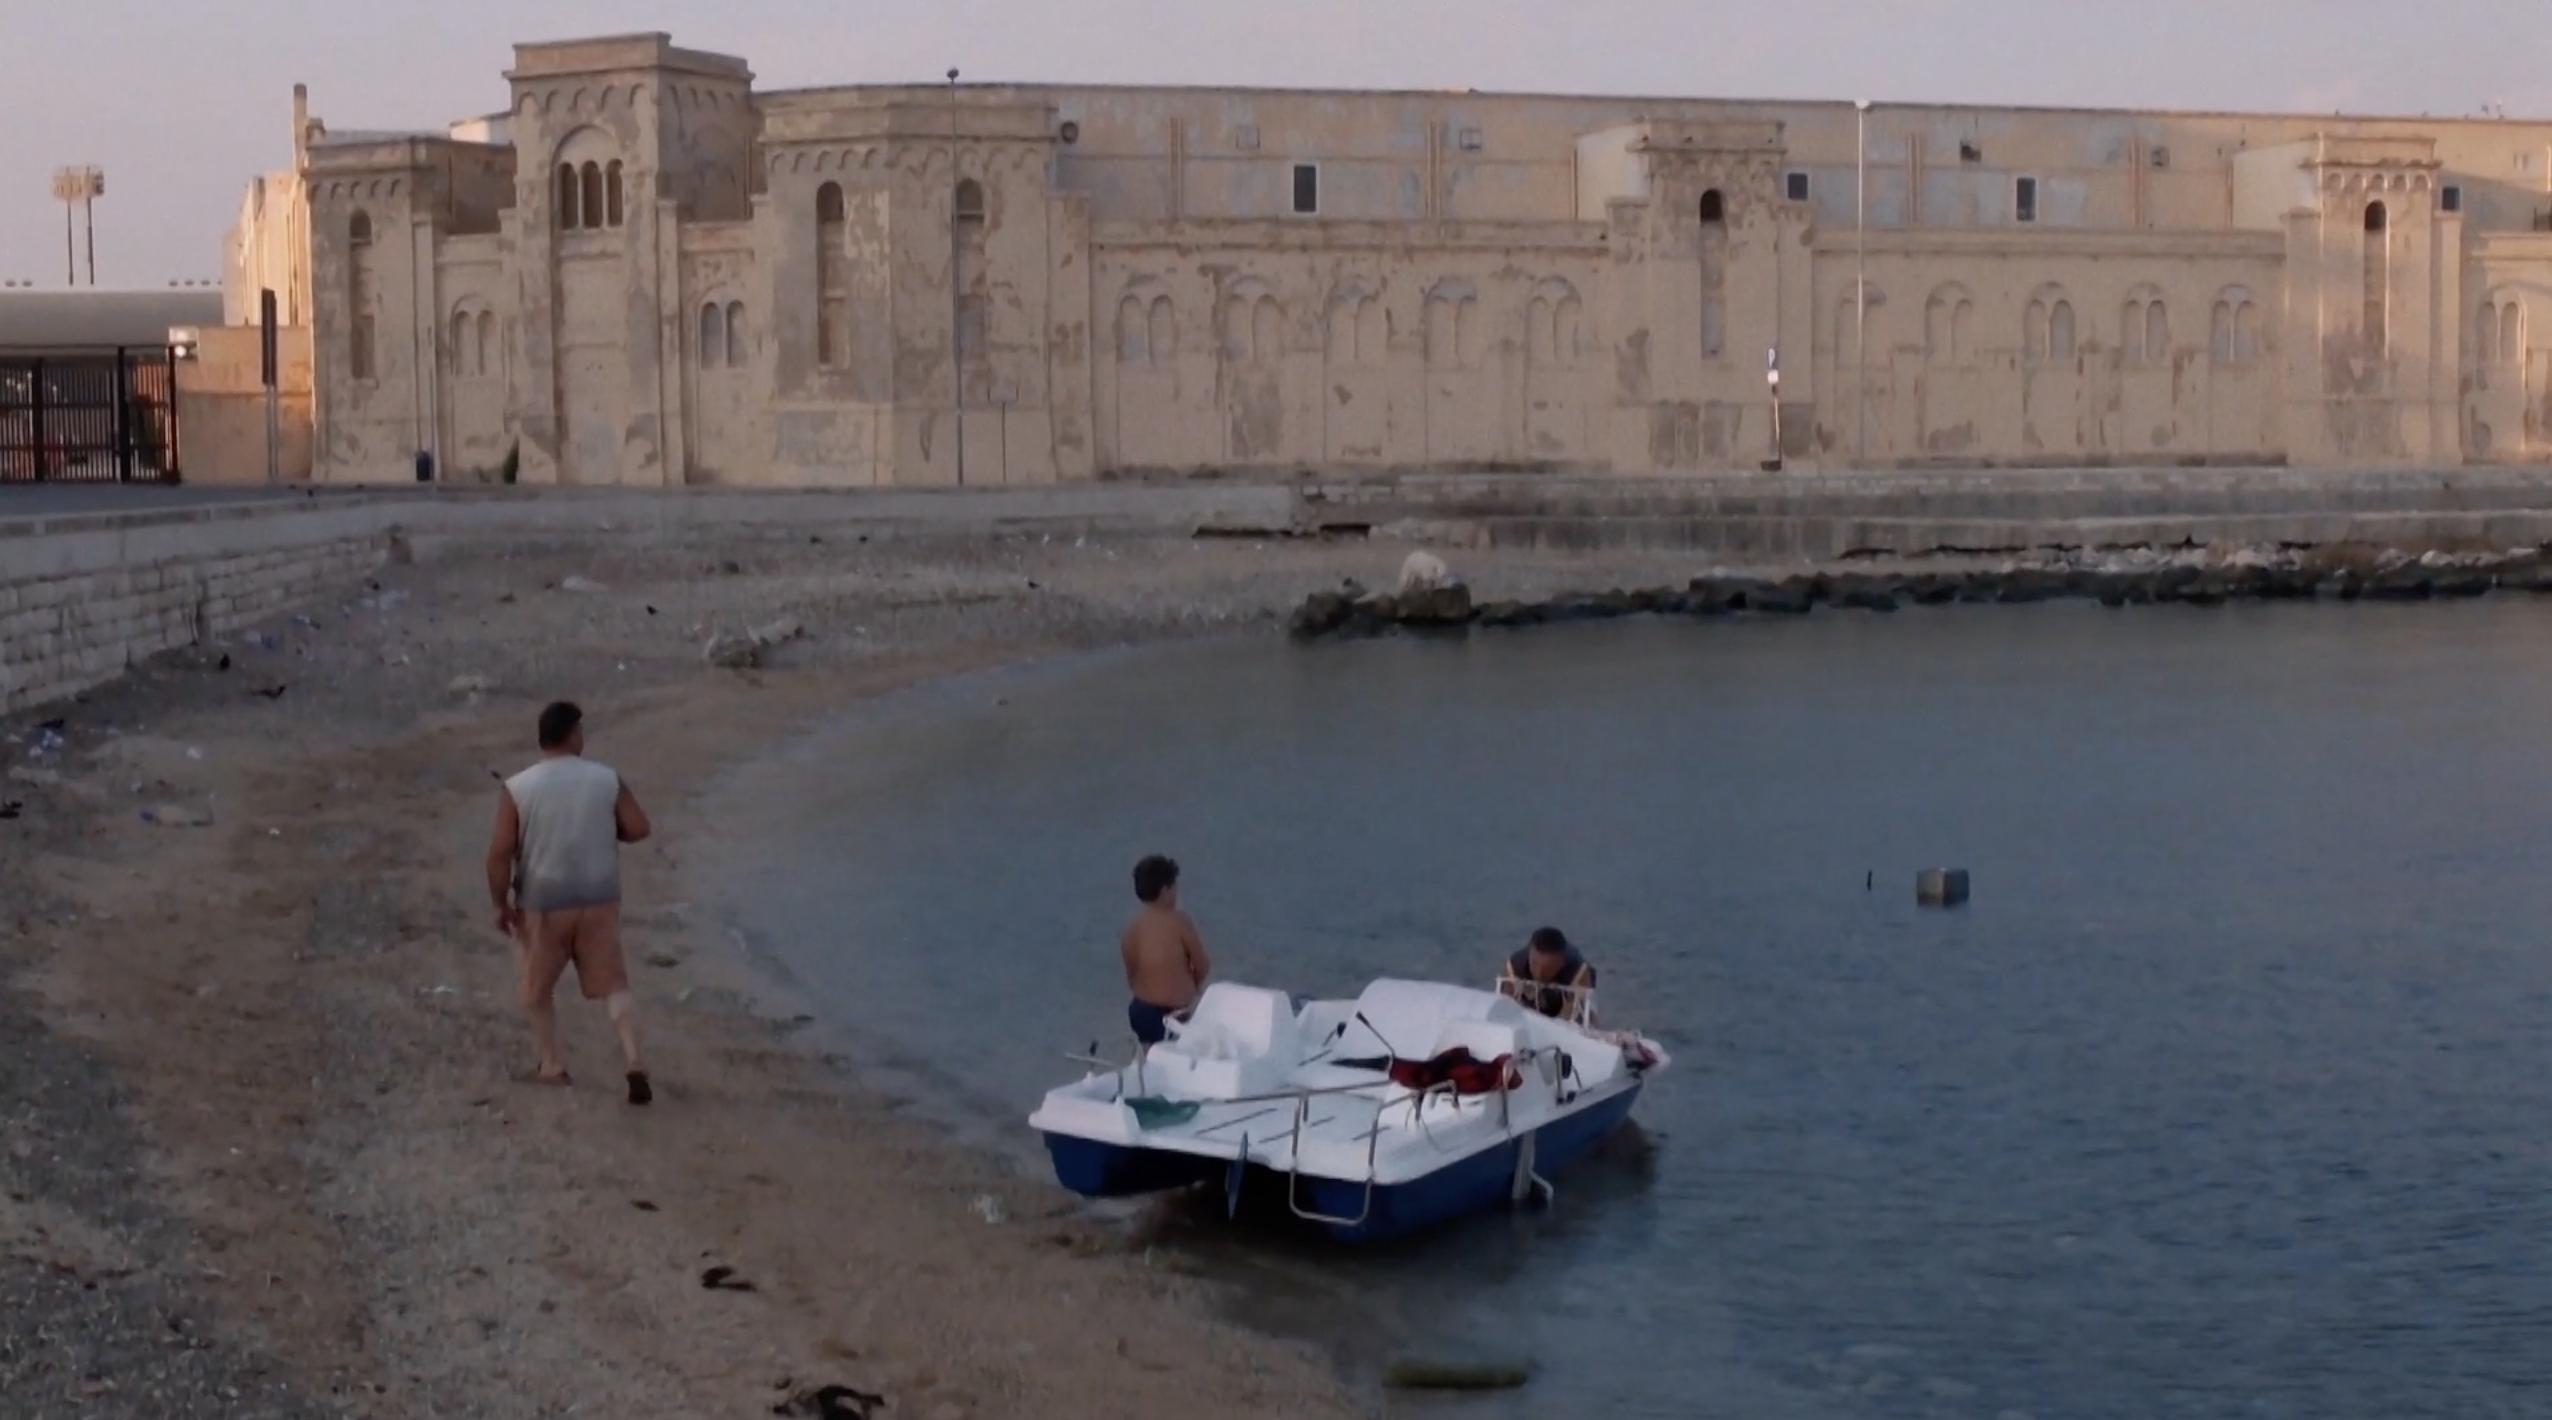 Viaggio in Italia: rassegna cinematografica di opere prime (o quasi) alla ricerca dell'essenza del nostro paese